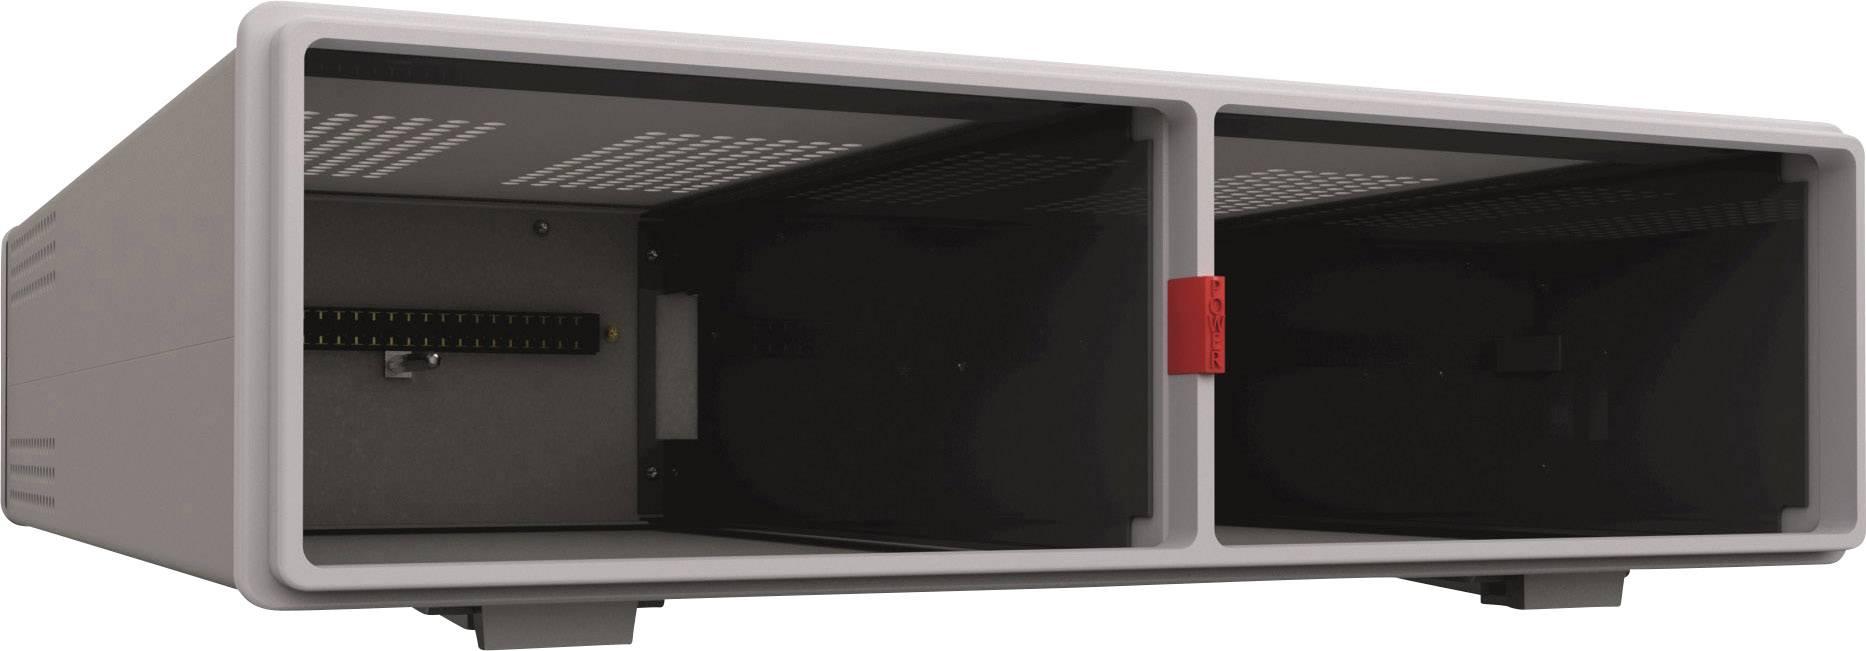 Základný prístroj Hameg HM 8001-2